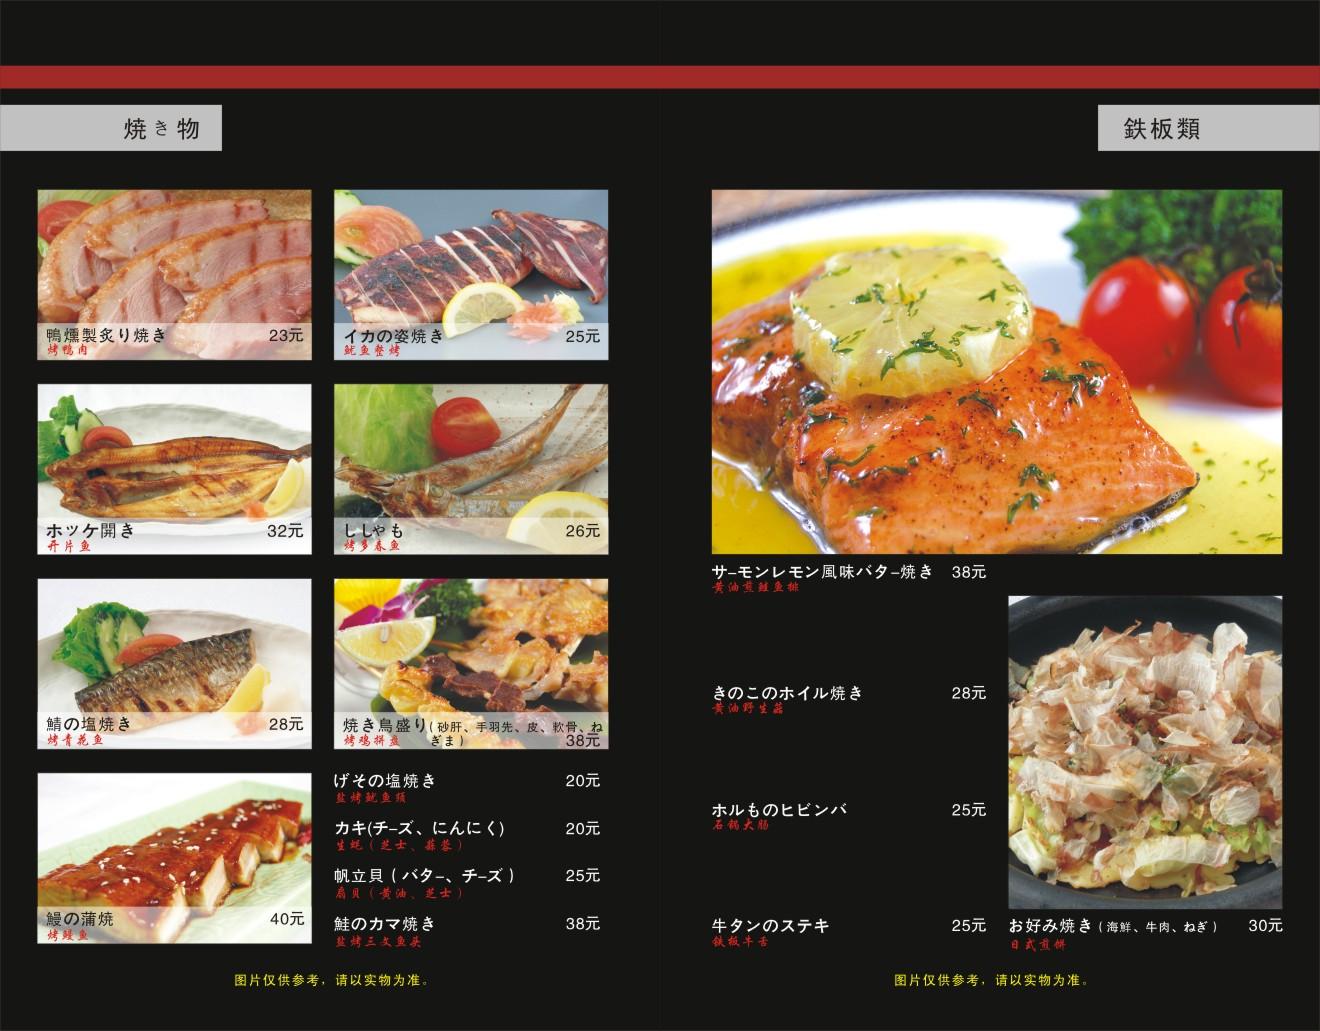 236号菜谱设计:菜谱册日本料理店(炭火烧烤)